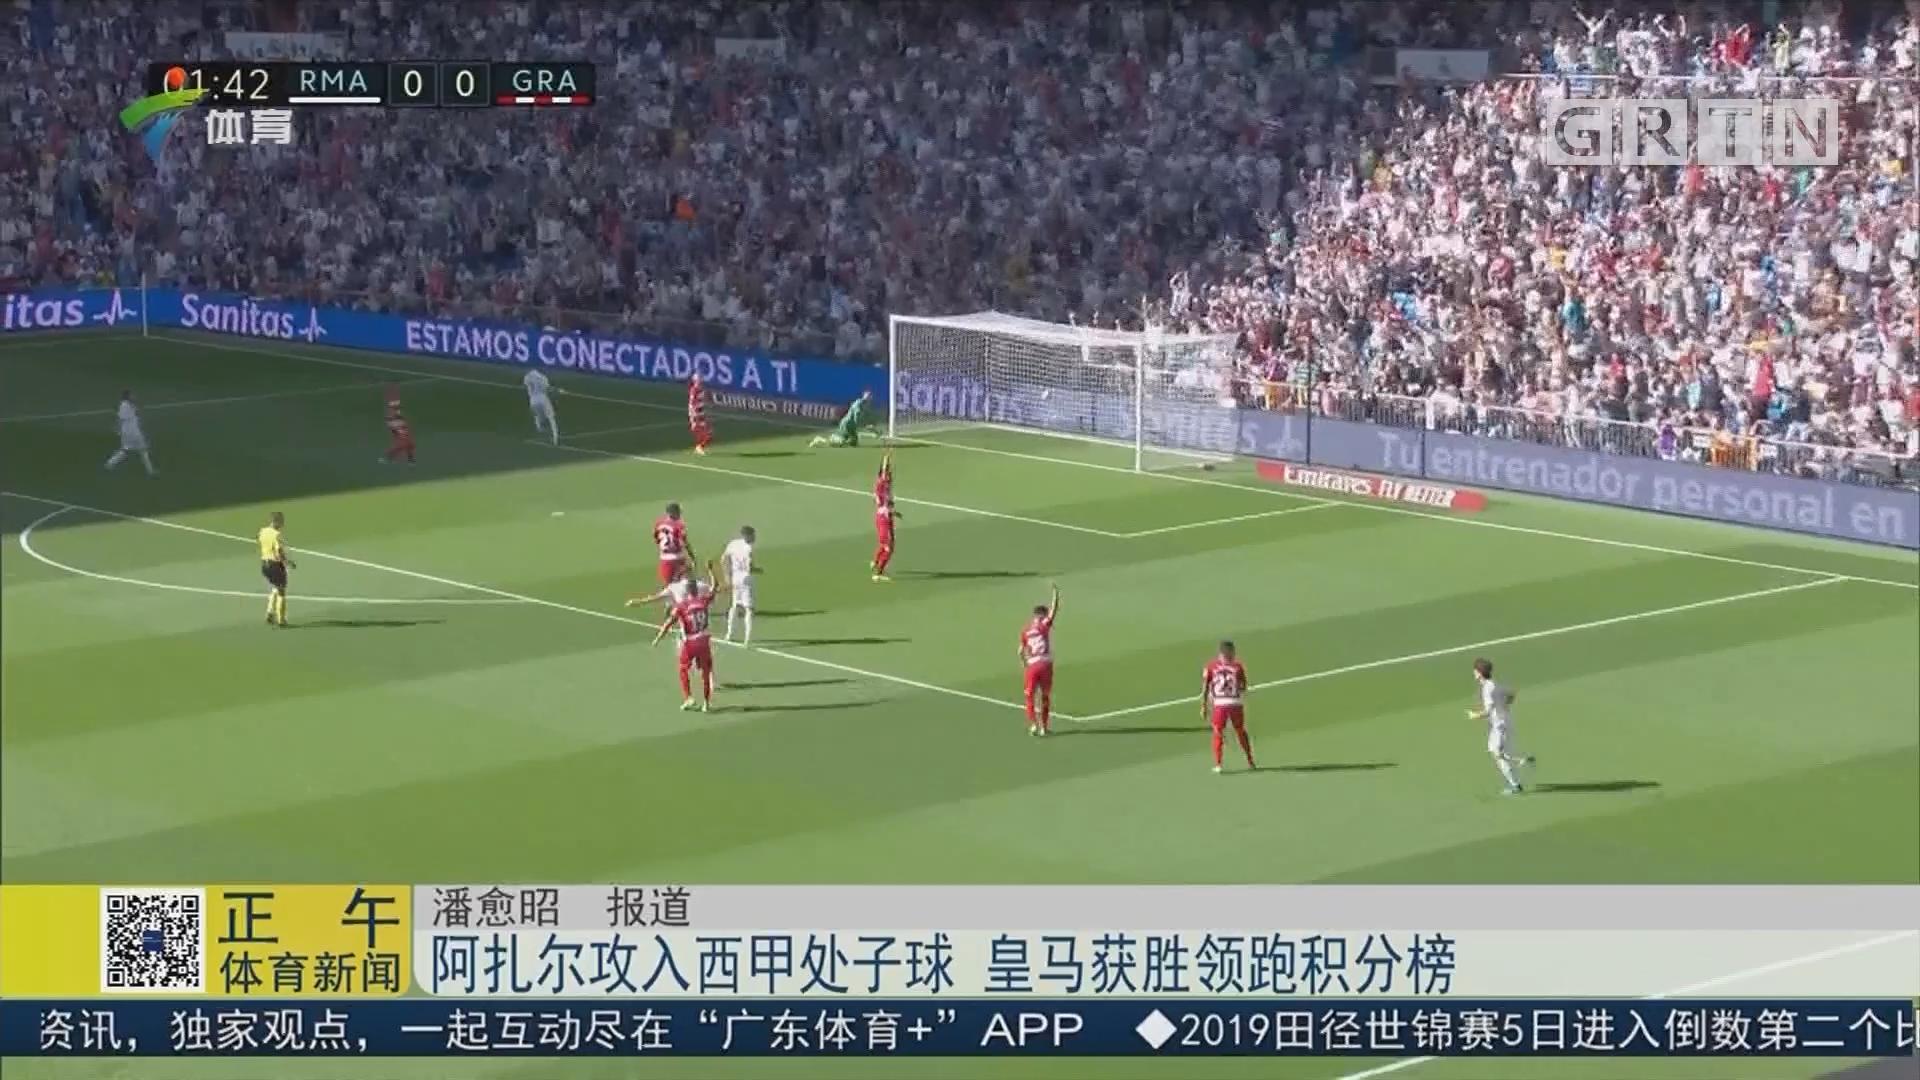 阿扎尔攻入西甲处子球 皇马获胜领跑积分榜